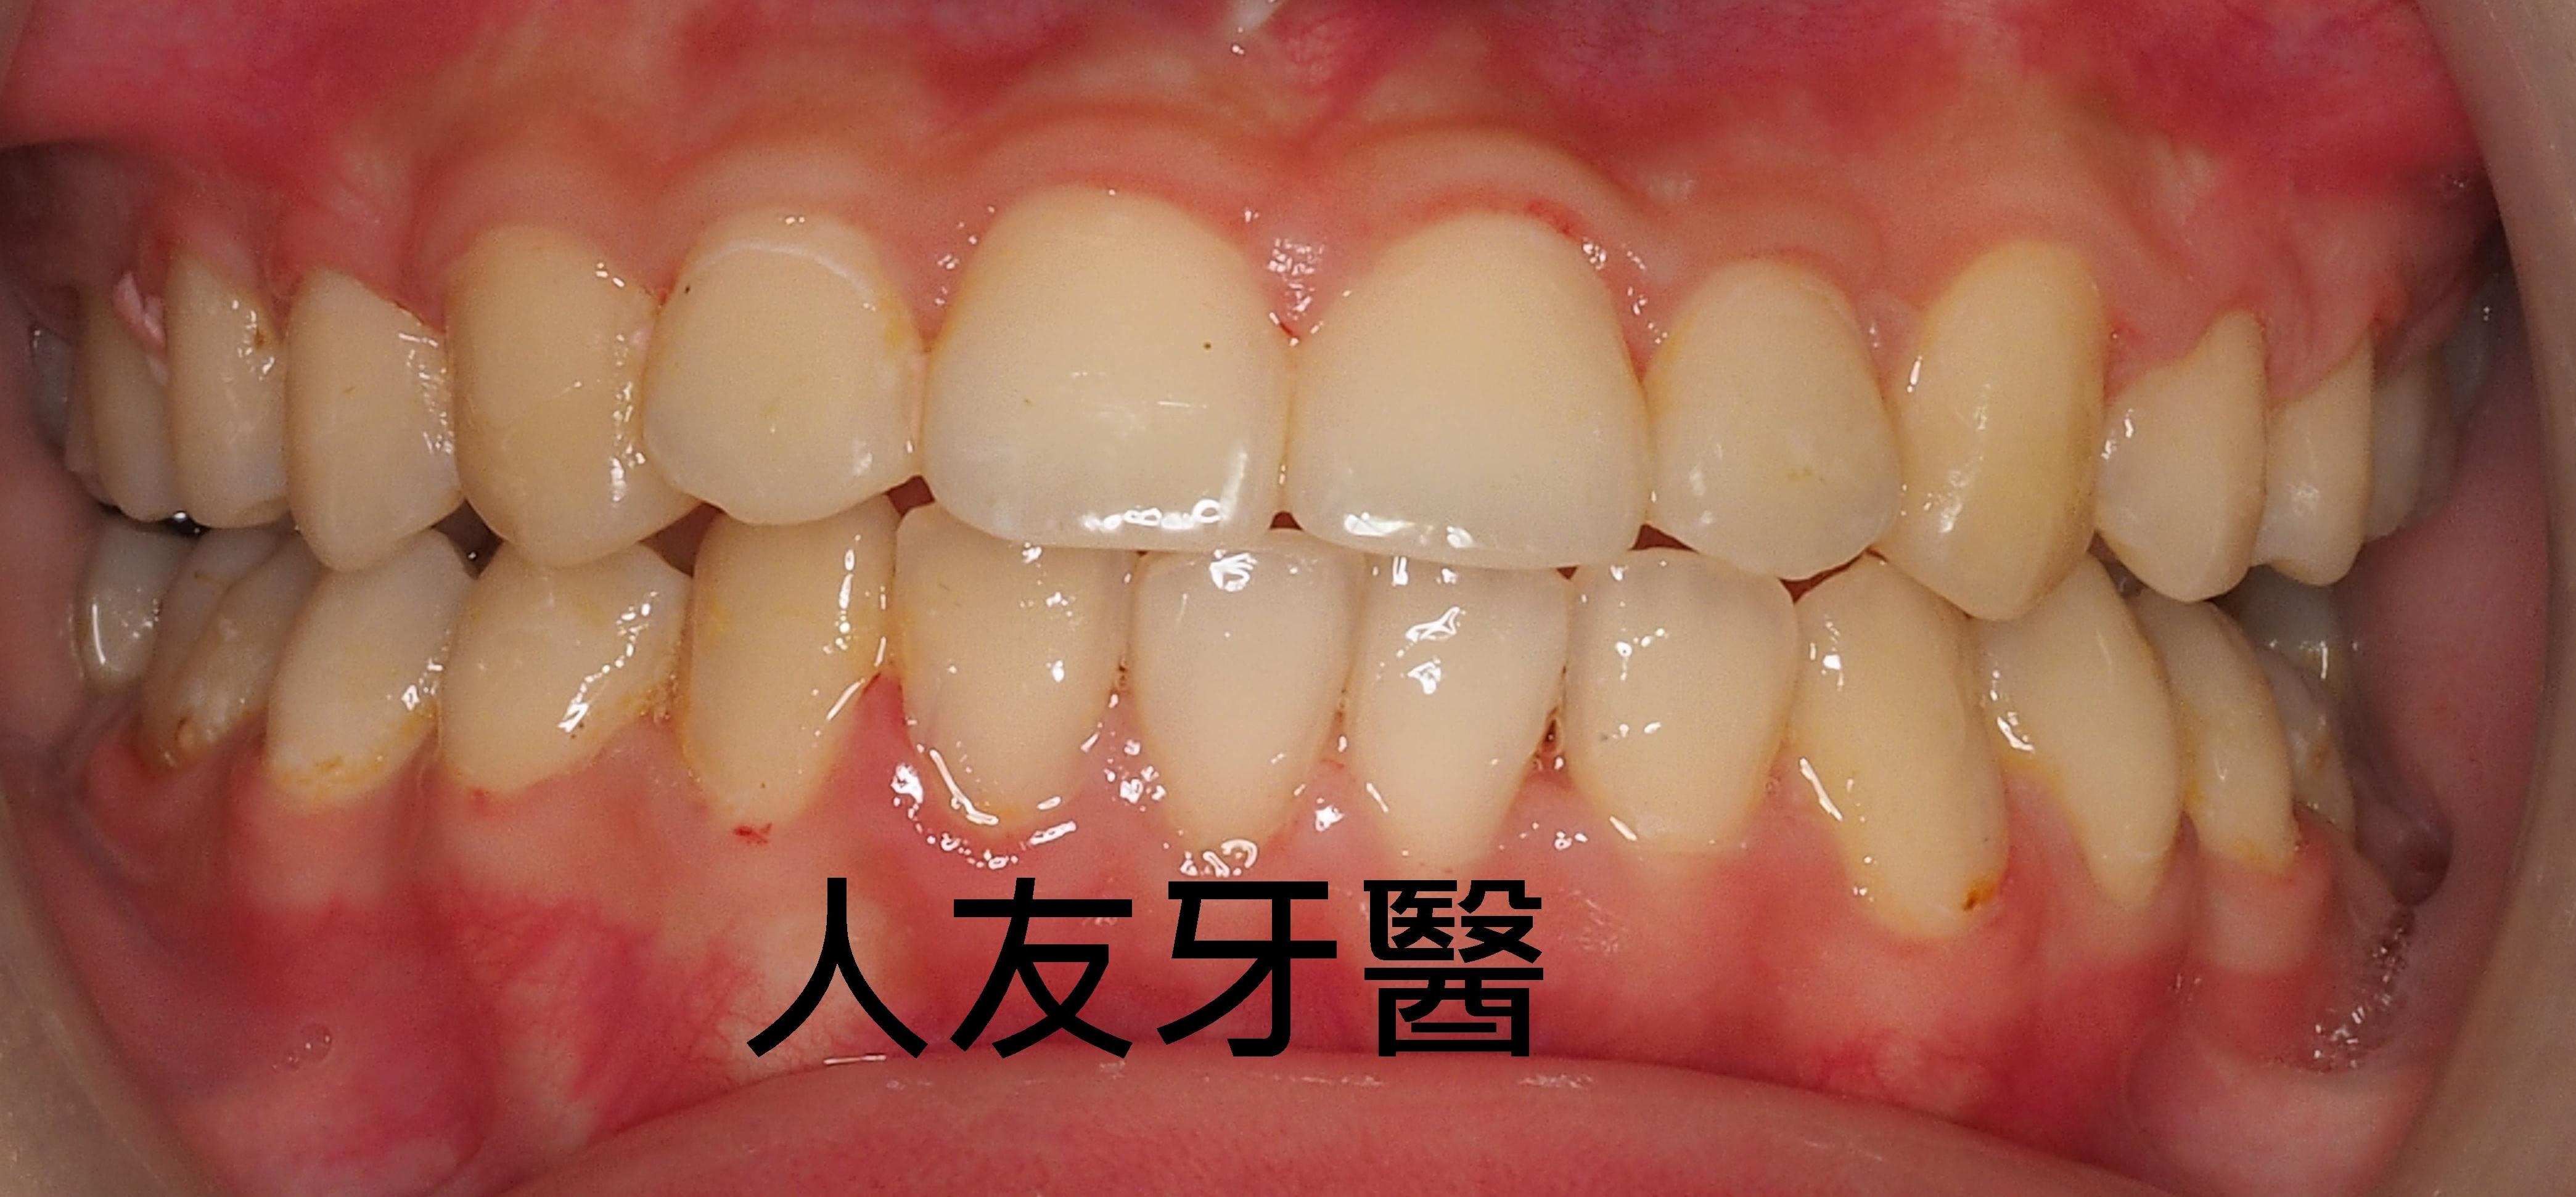 暴牙&咬合不正之矯正 – 人友牙醫 RenU